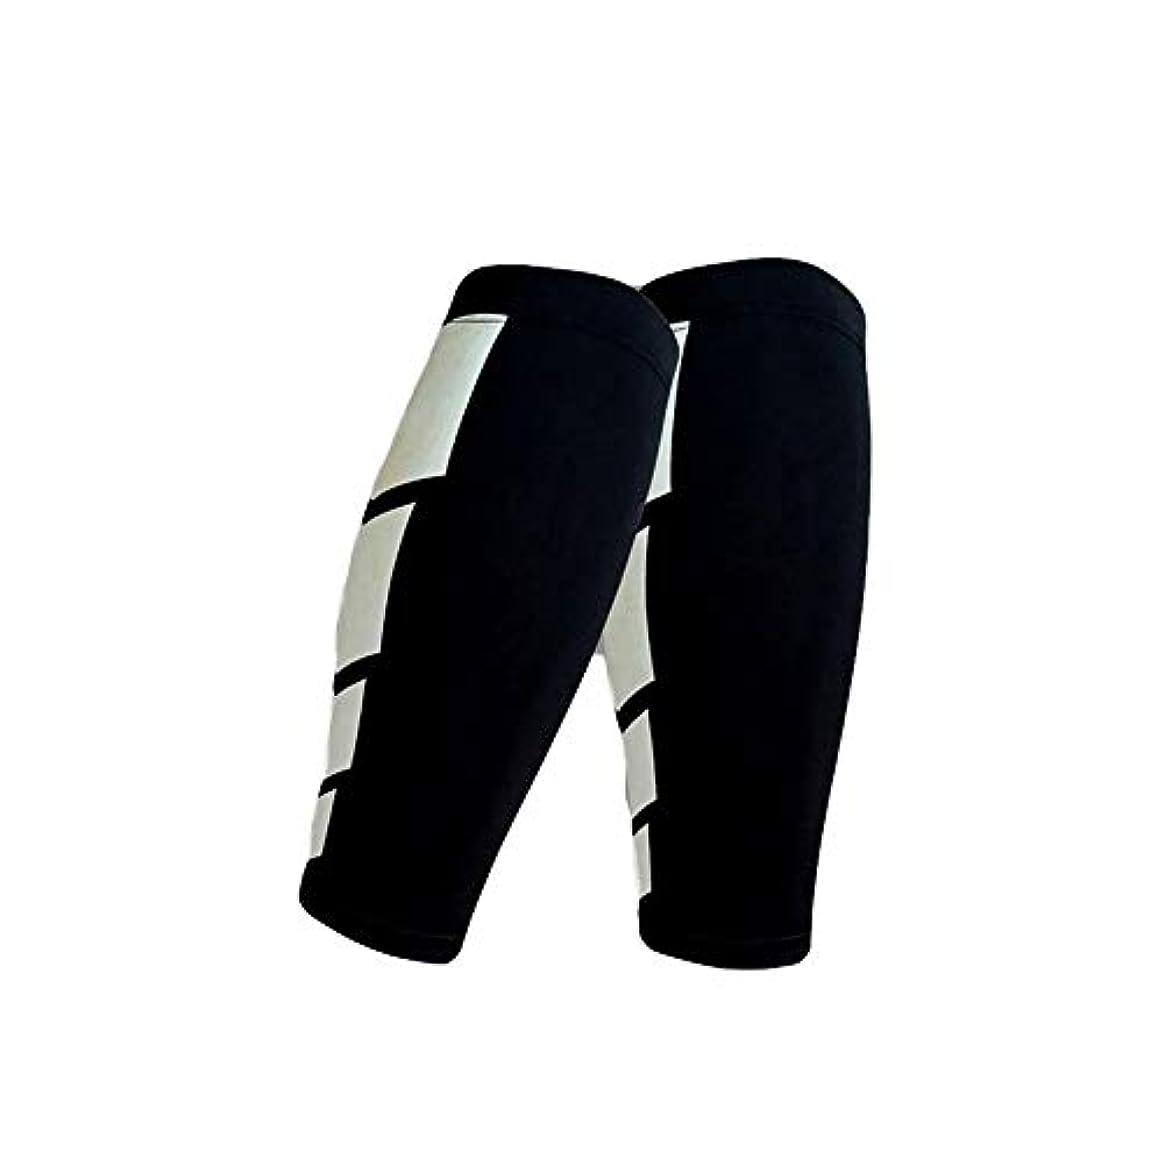 合図カートンセラフカーフスリーブ圧迫ストッキング、血液の循環を改善する大きな黒いアクセサリーを訓練し、脚の痛みのアスリート選手を緩和します